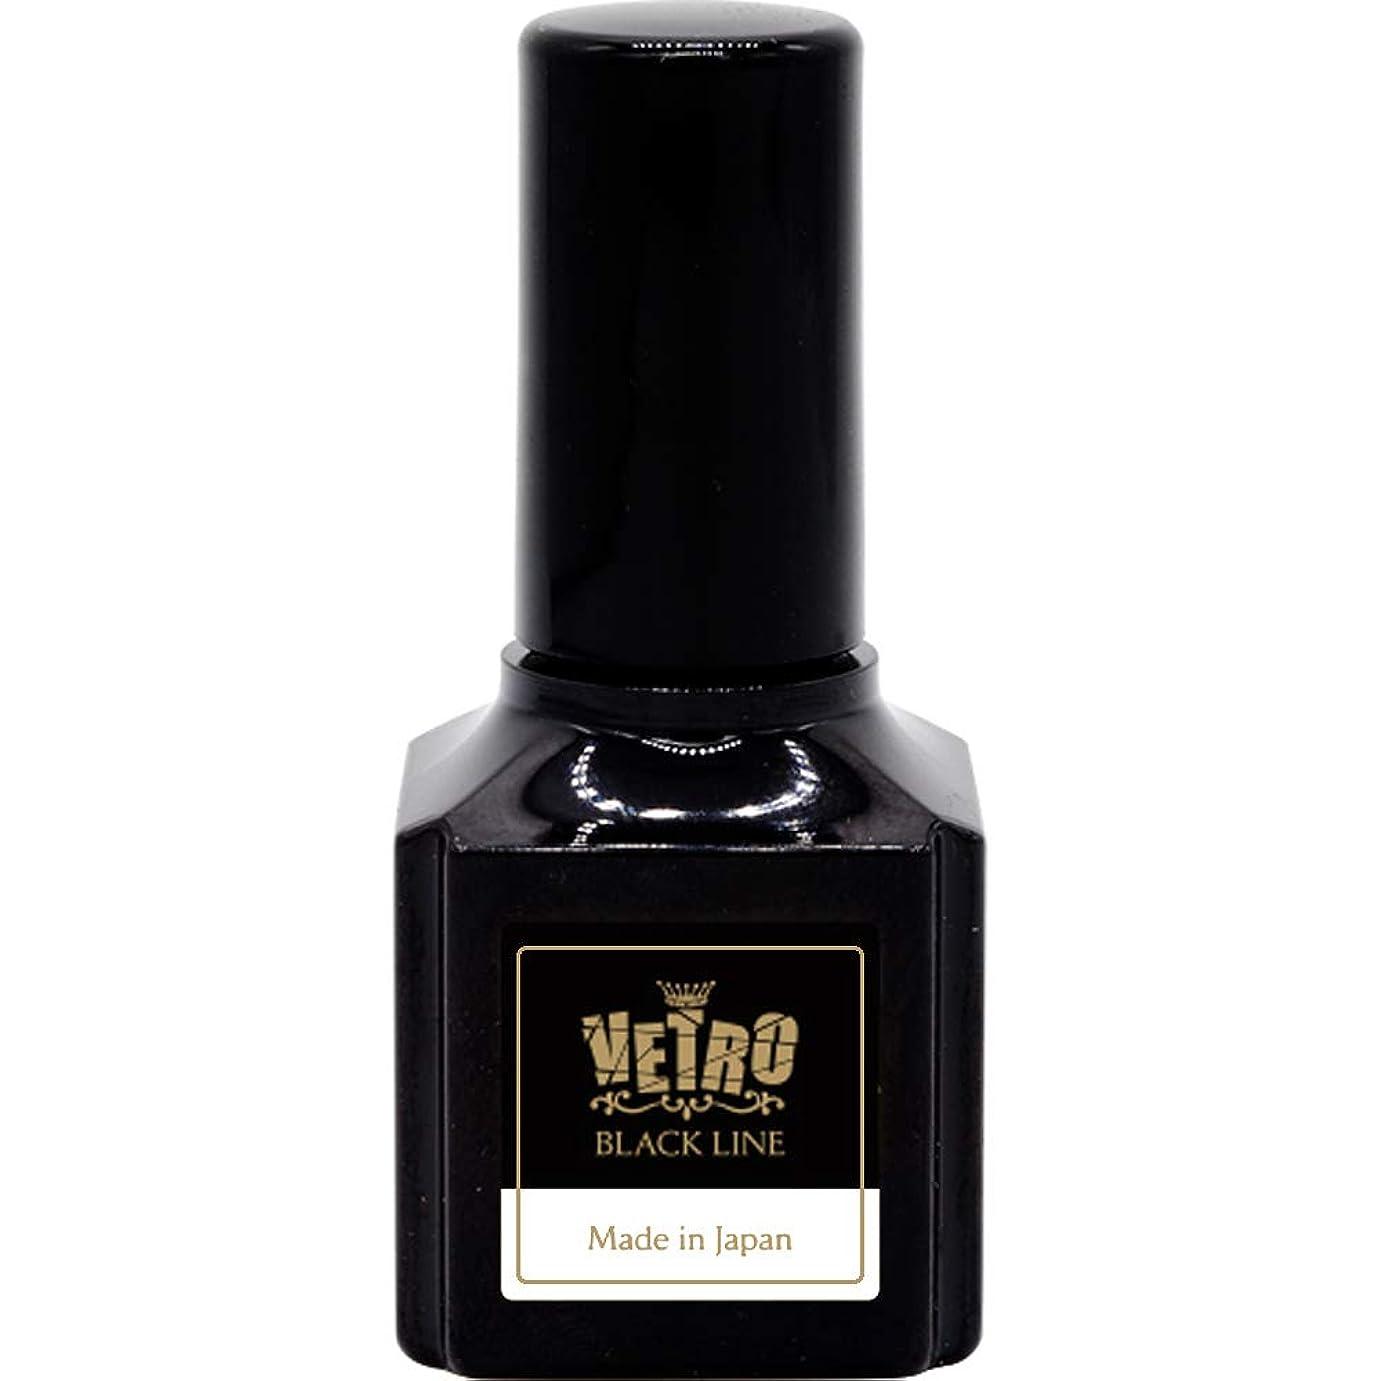 熟読名前で高音VETRO GP BLACK LINE カラージェル B066 ドレスアップ 16ml UV/LED対応 ソークオフジェル